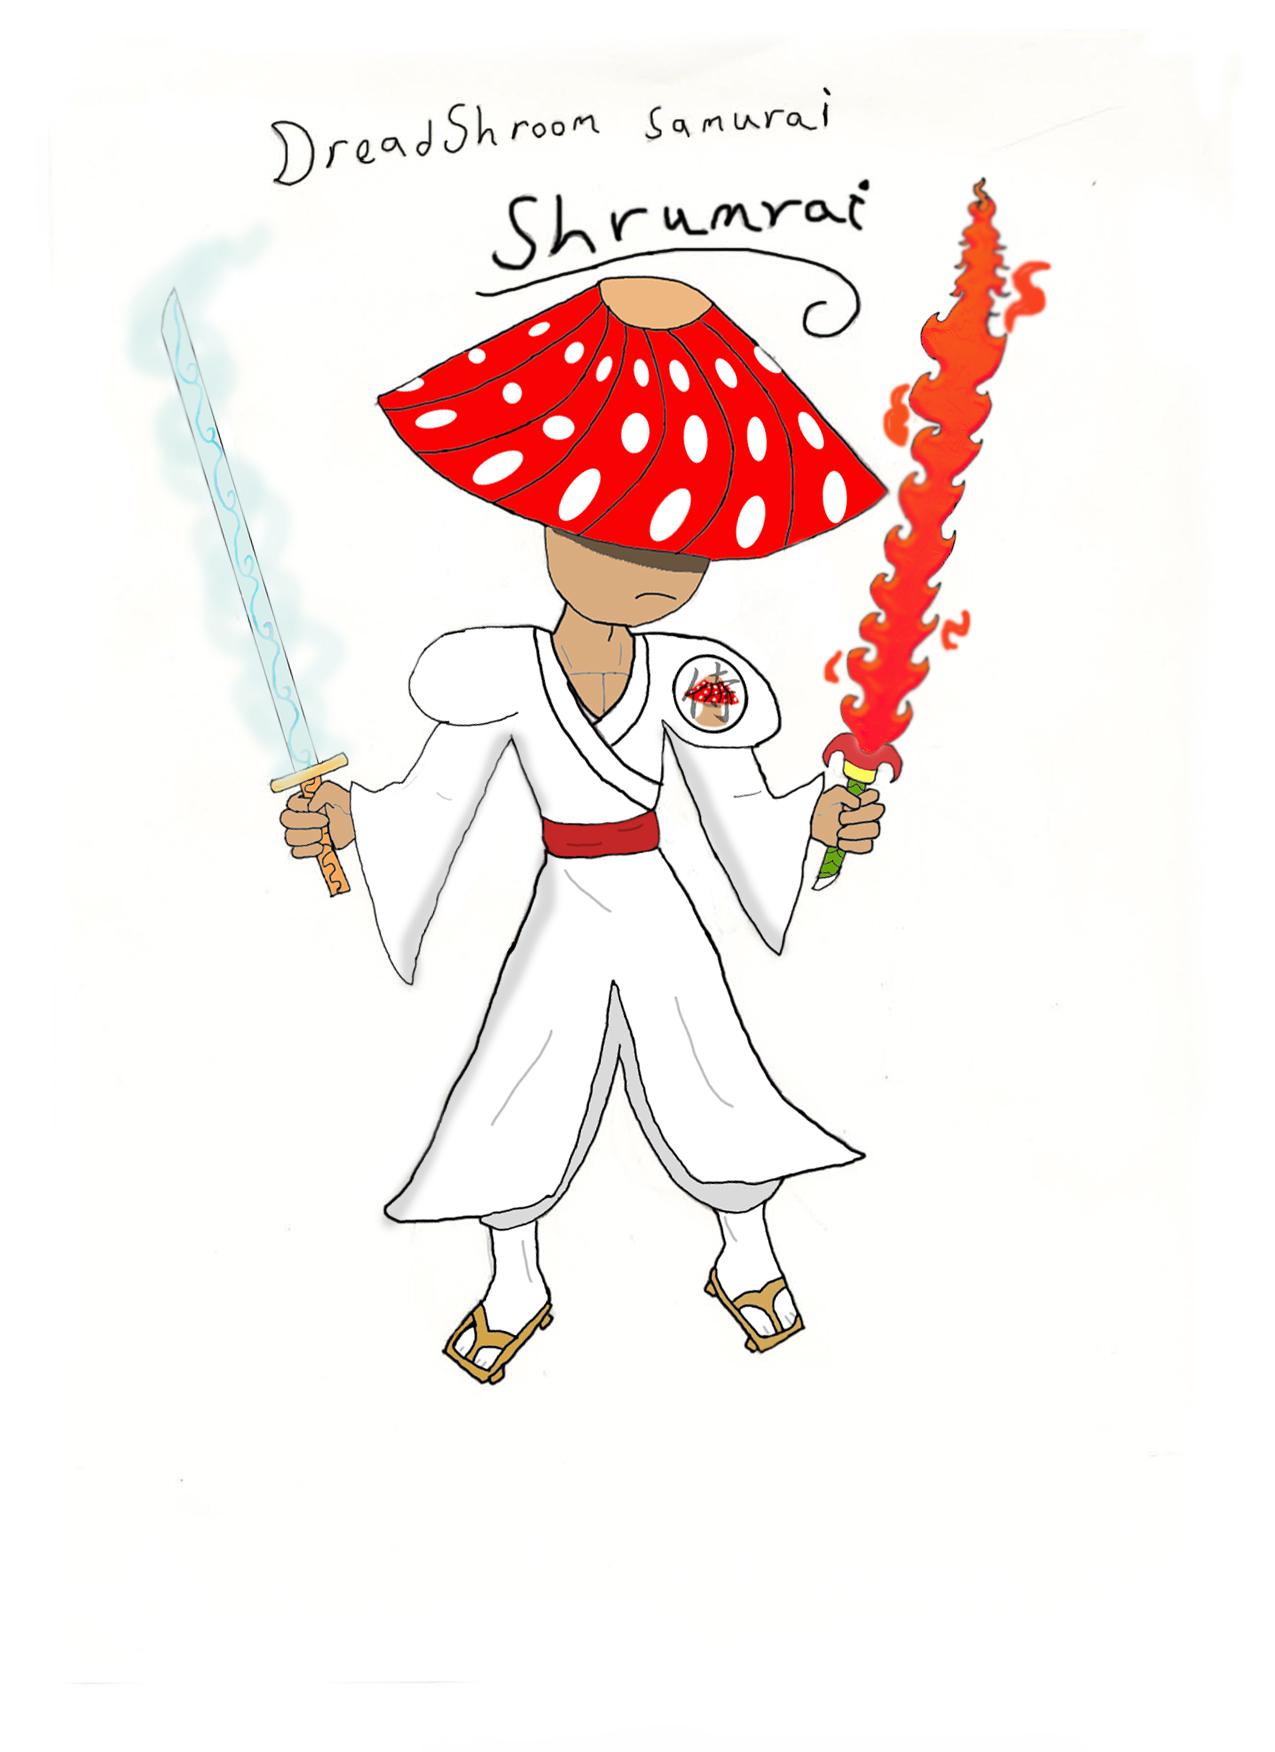 Shrumrai